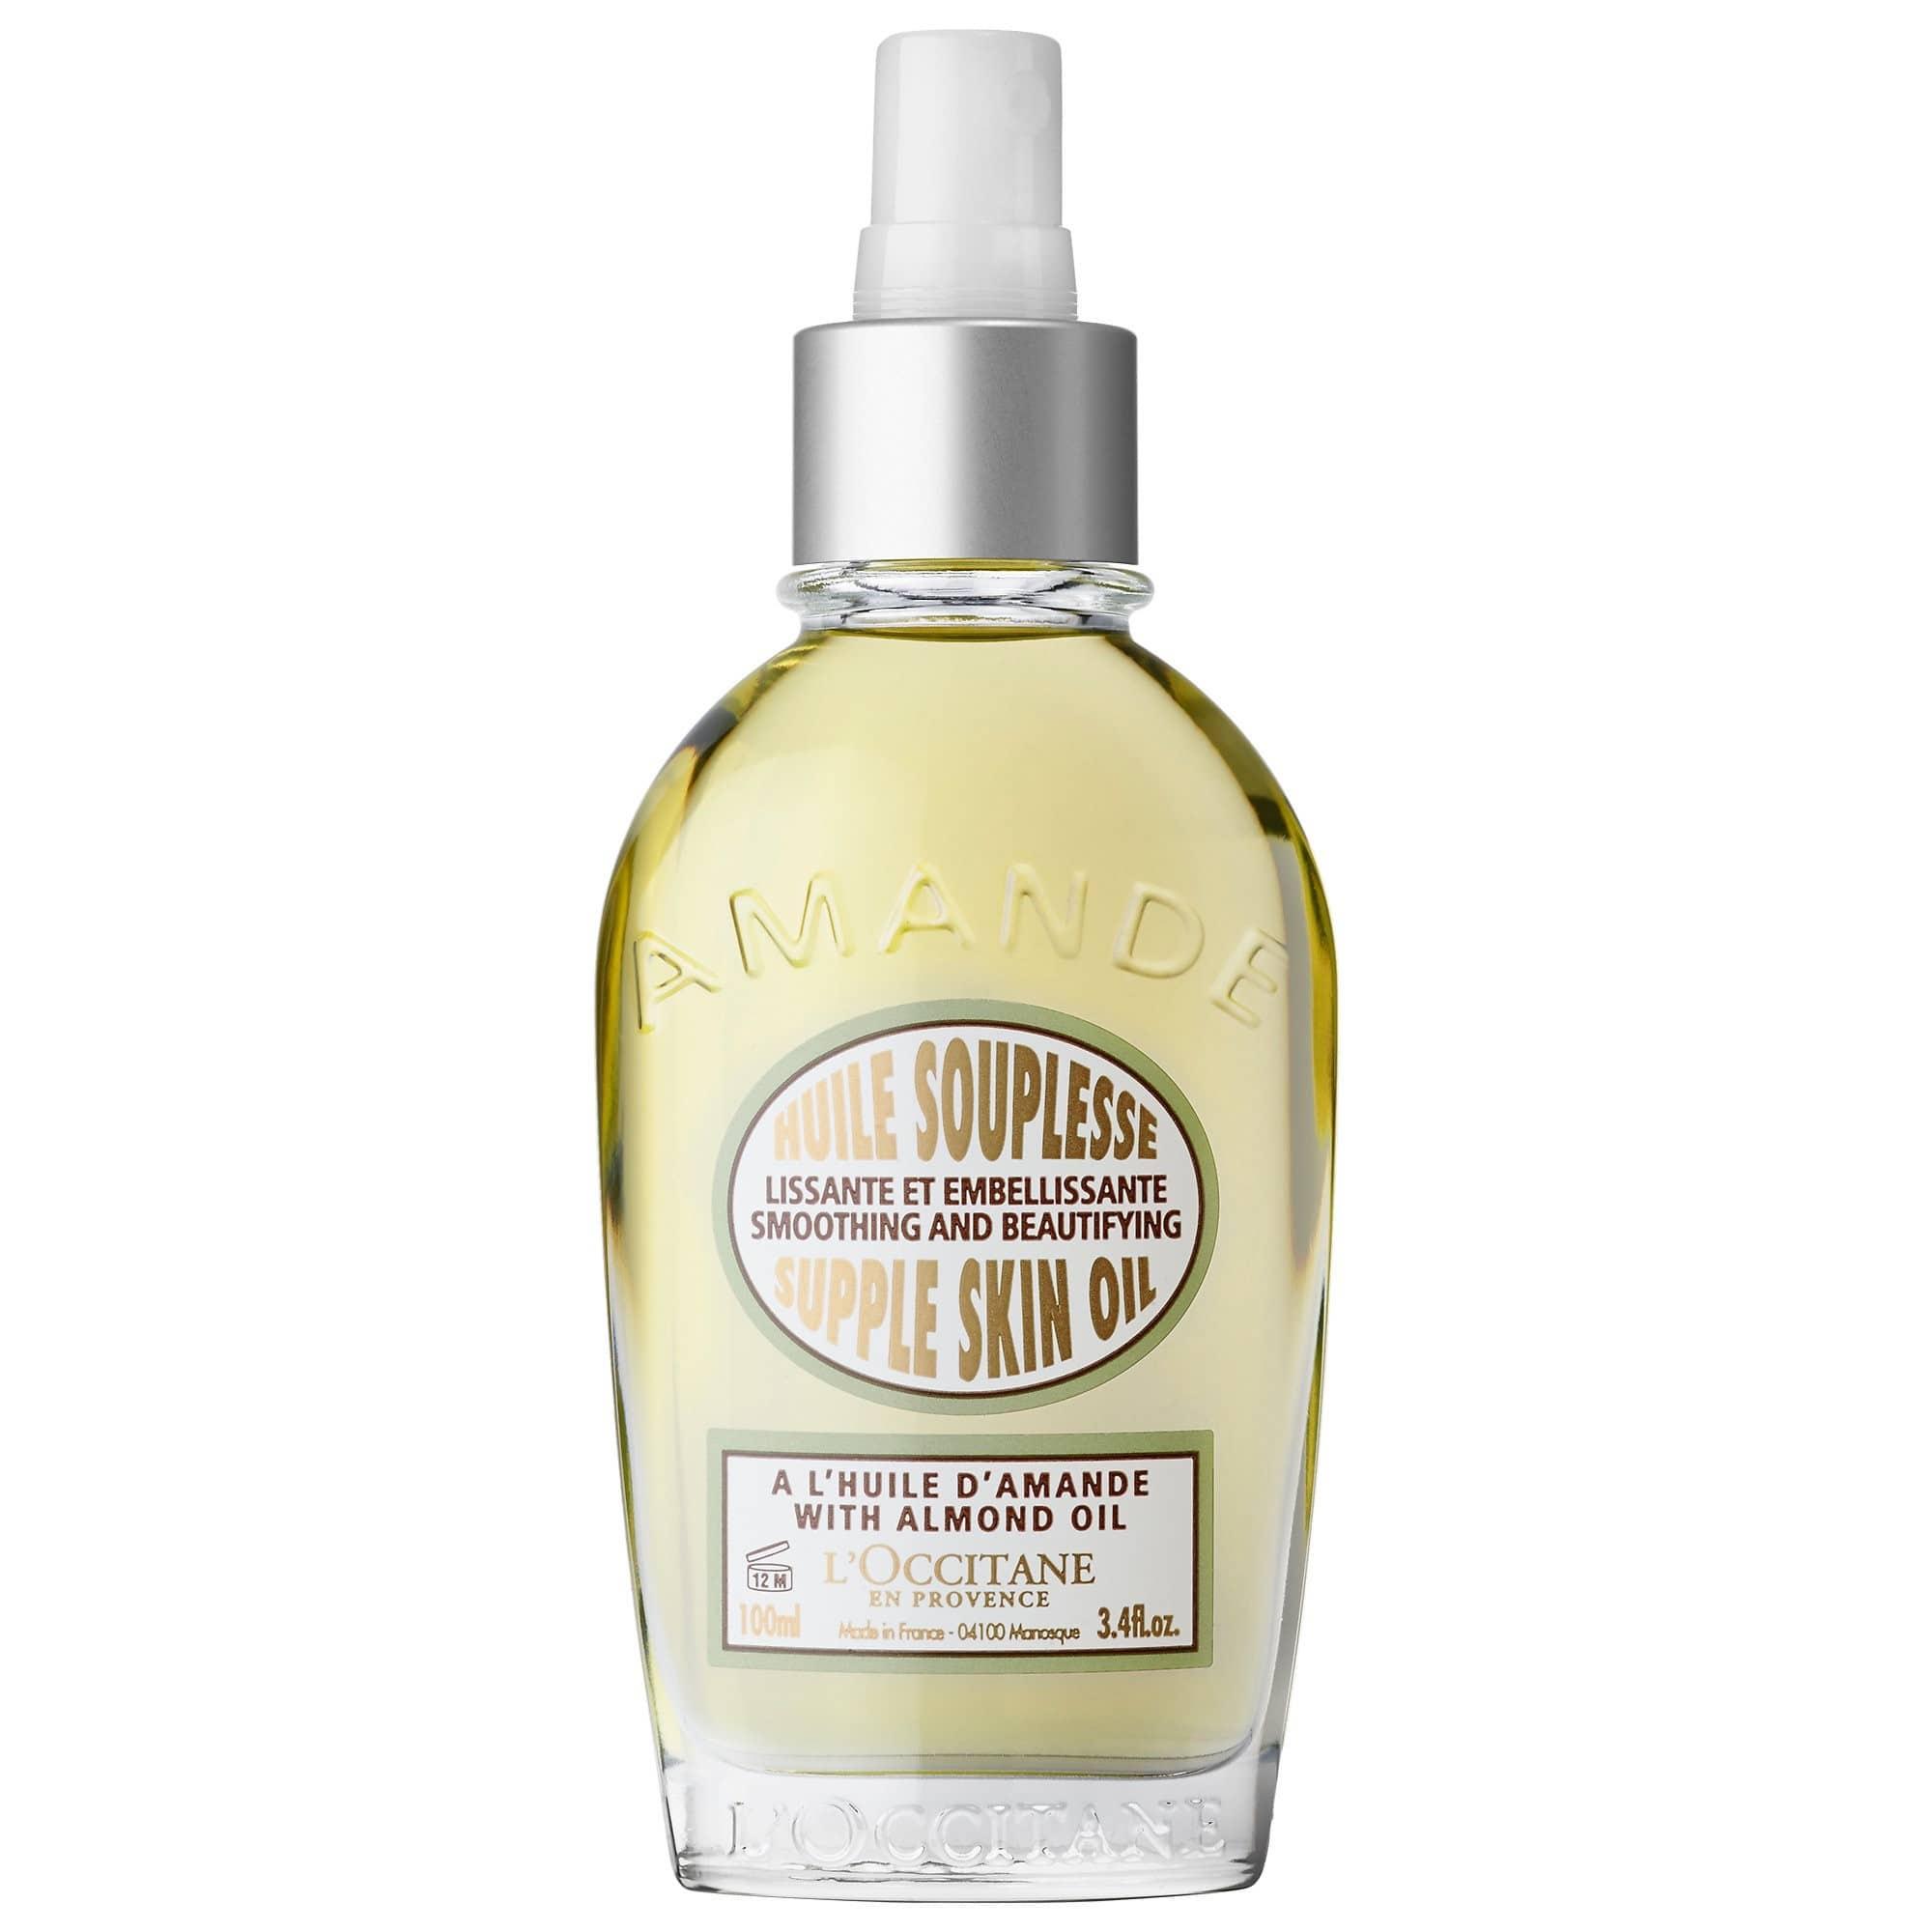 L'Occitane's Almond Supple Skin Body Oil